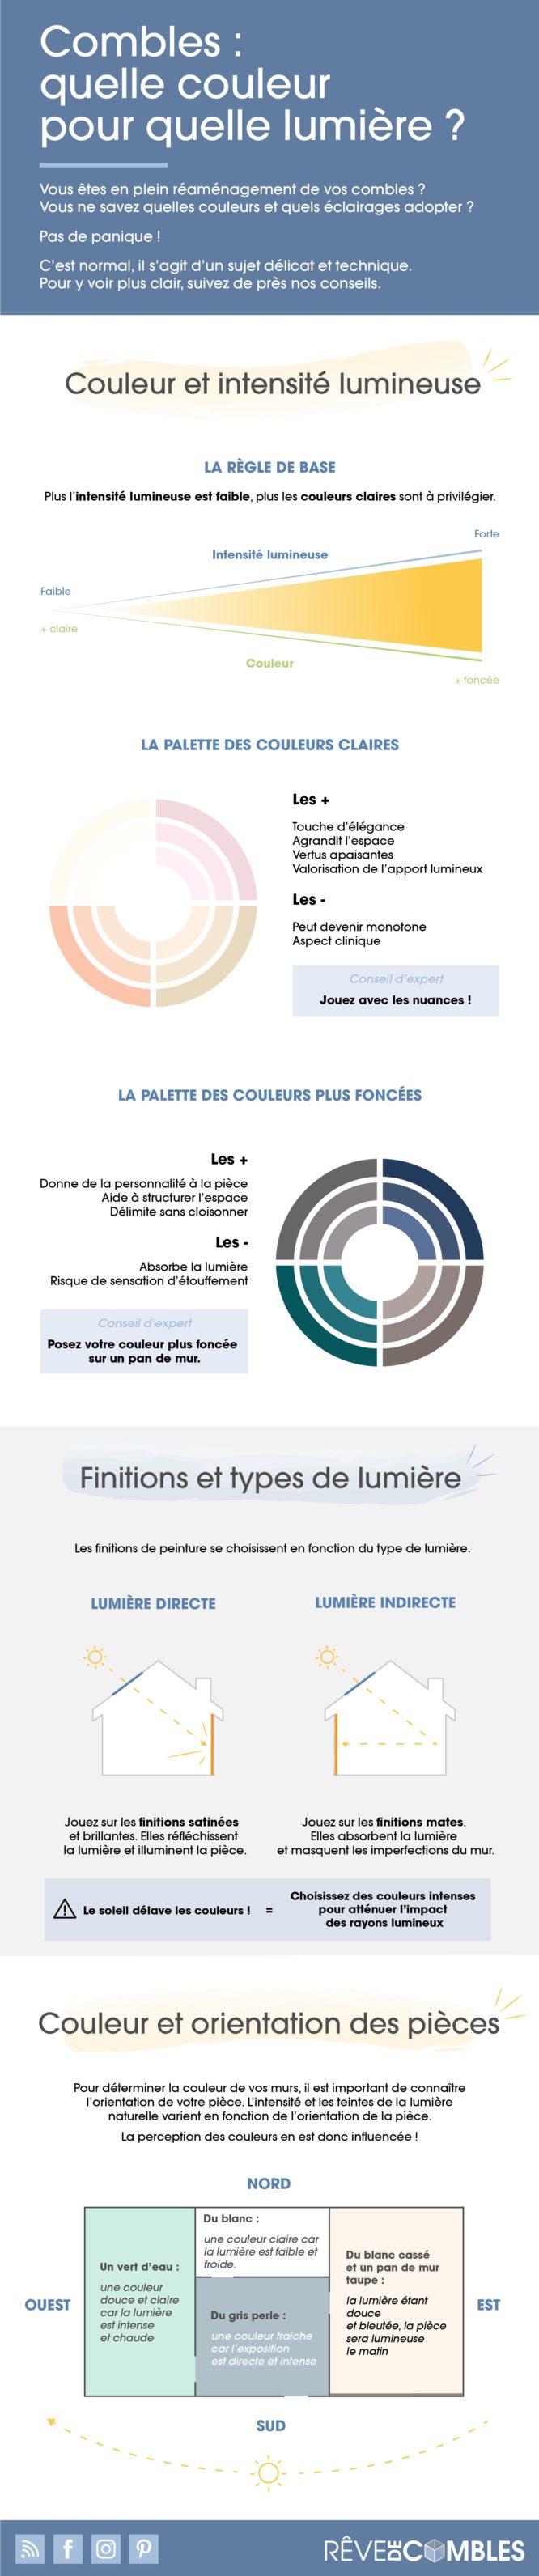 infographie-quelle-couleur-pour-quelle-lumiere-choisir-lumiere-combles